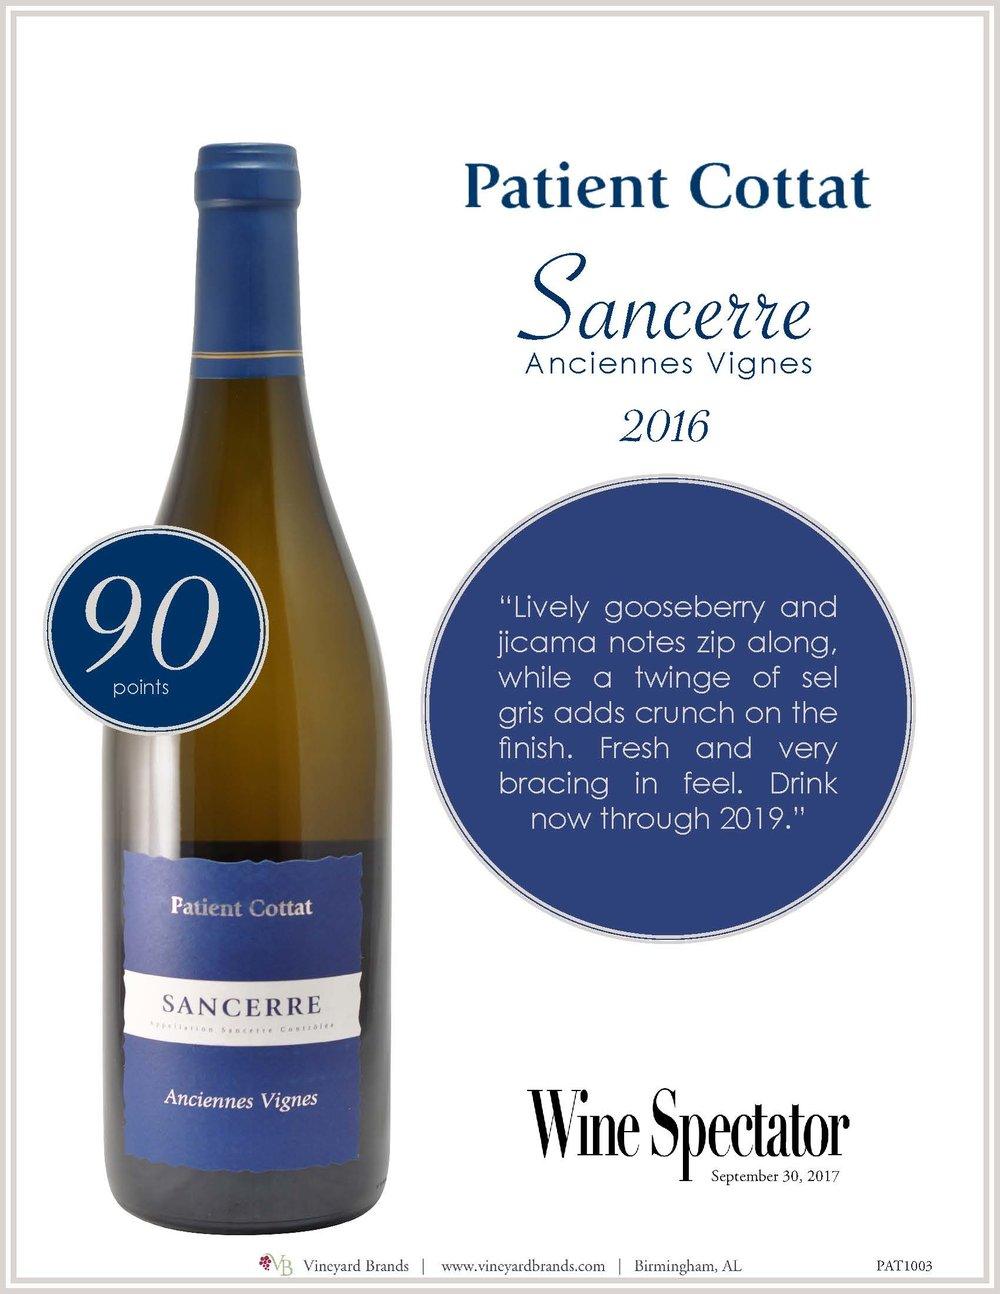 Patient Cottat Sancerre Anciennes Vignes 2016.jpg